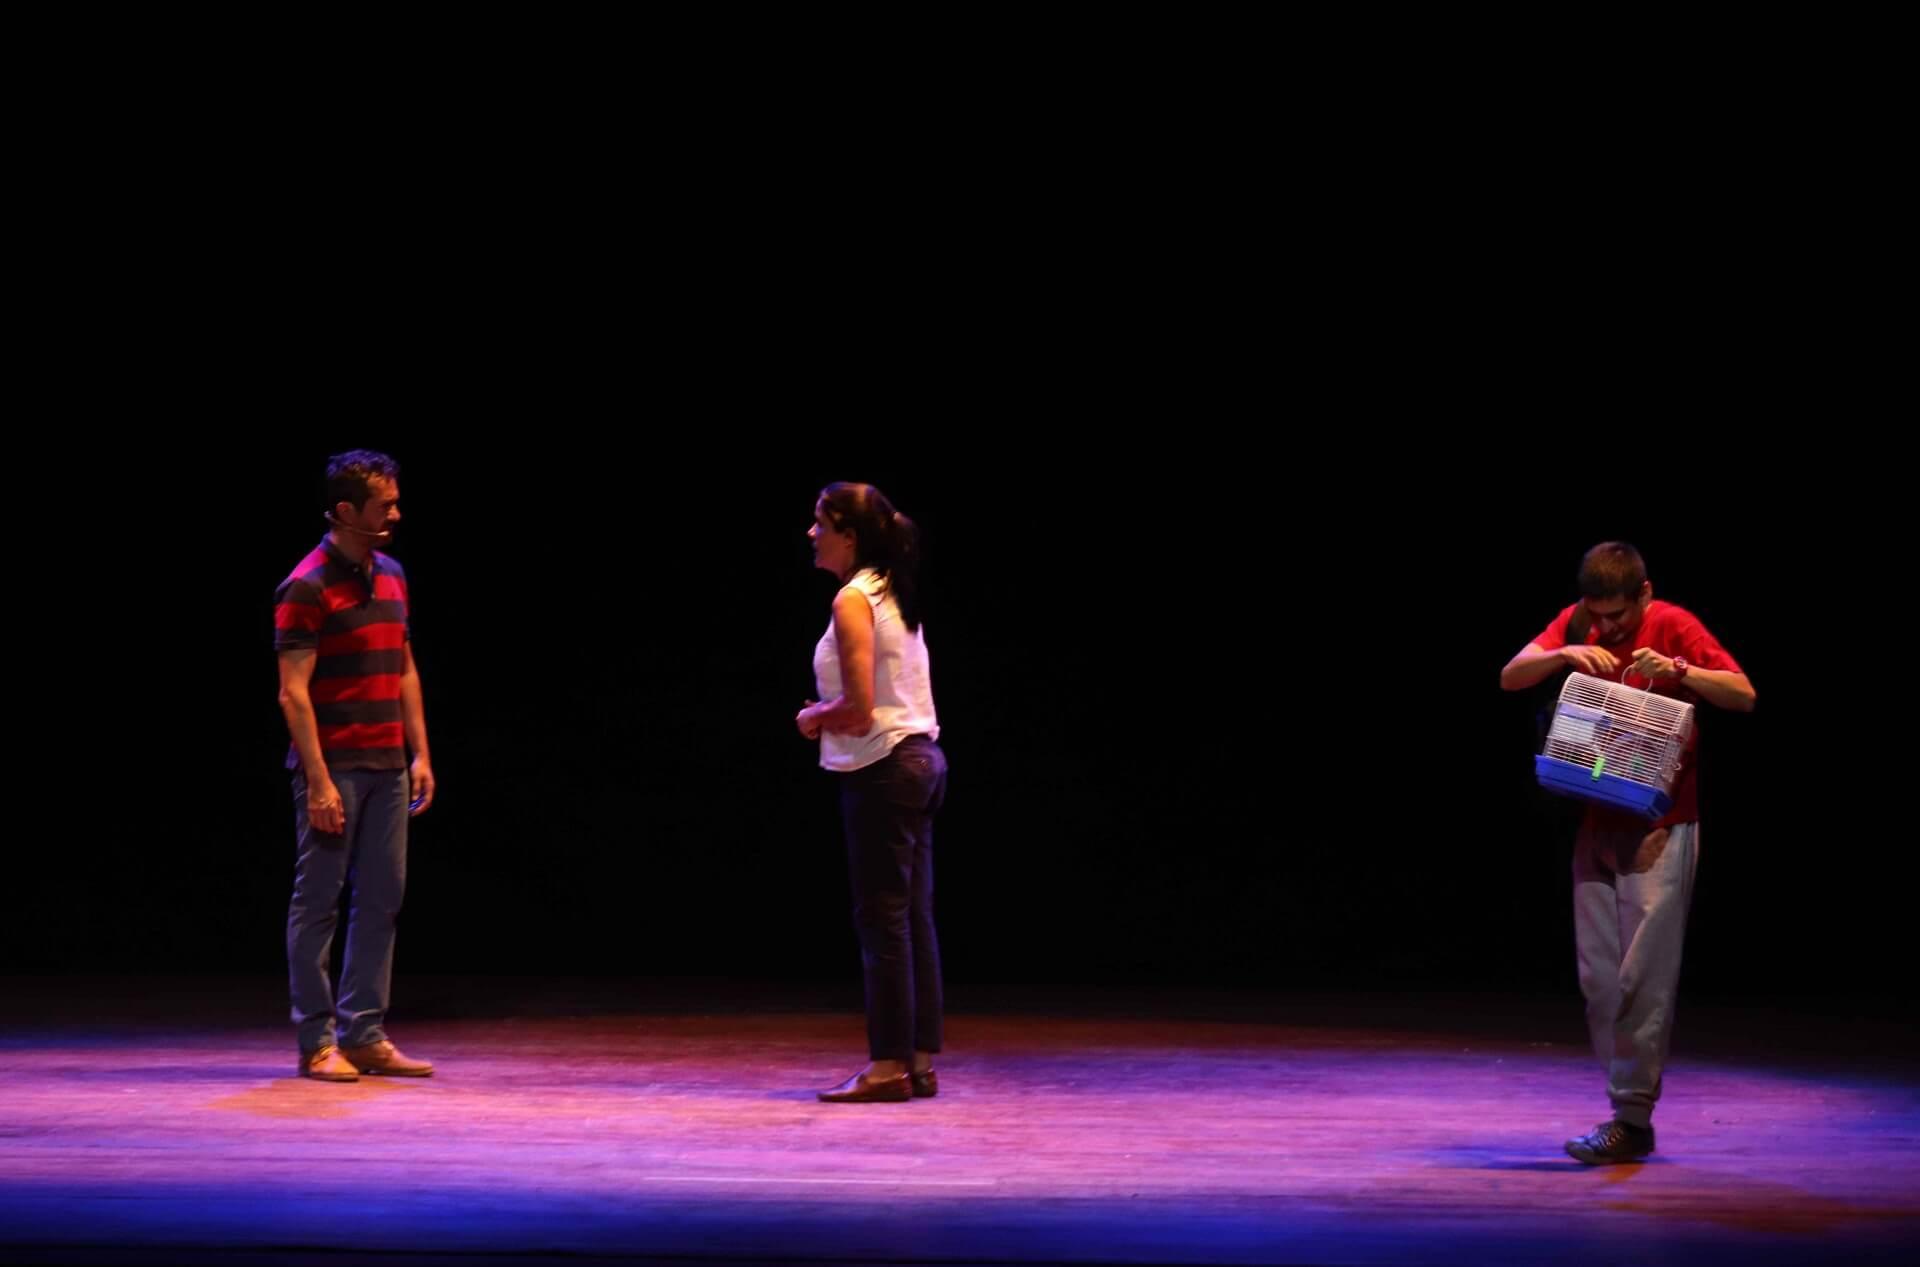 Teatro obra